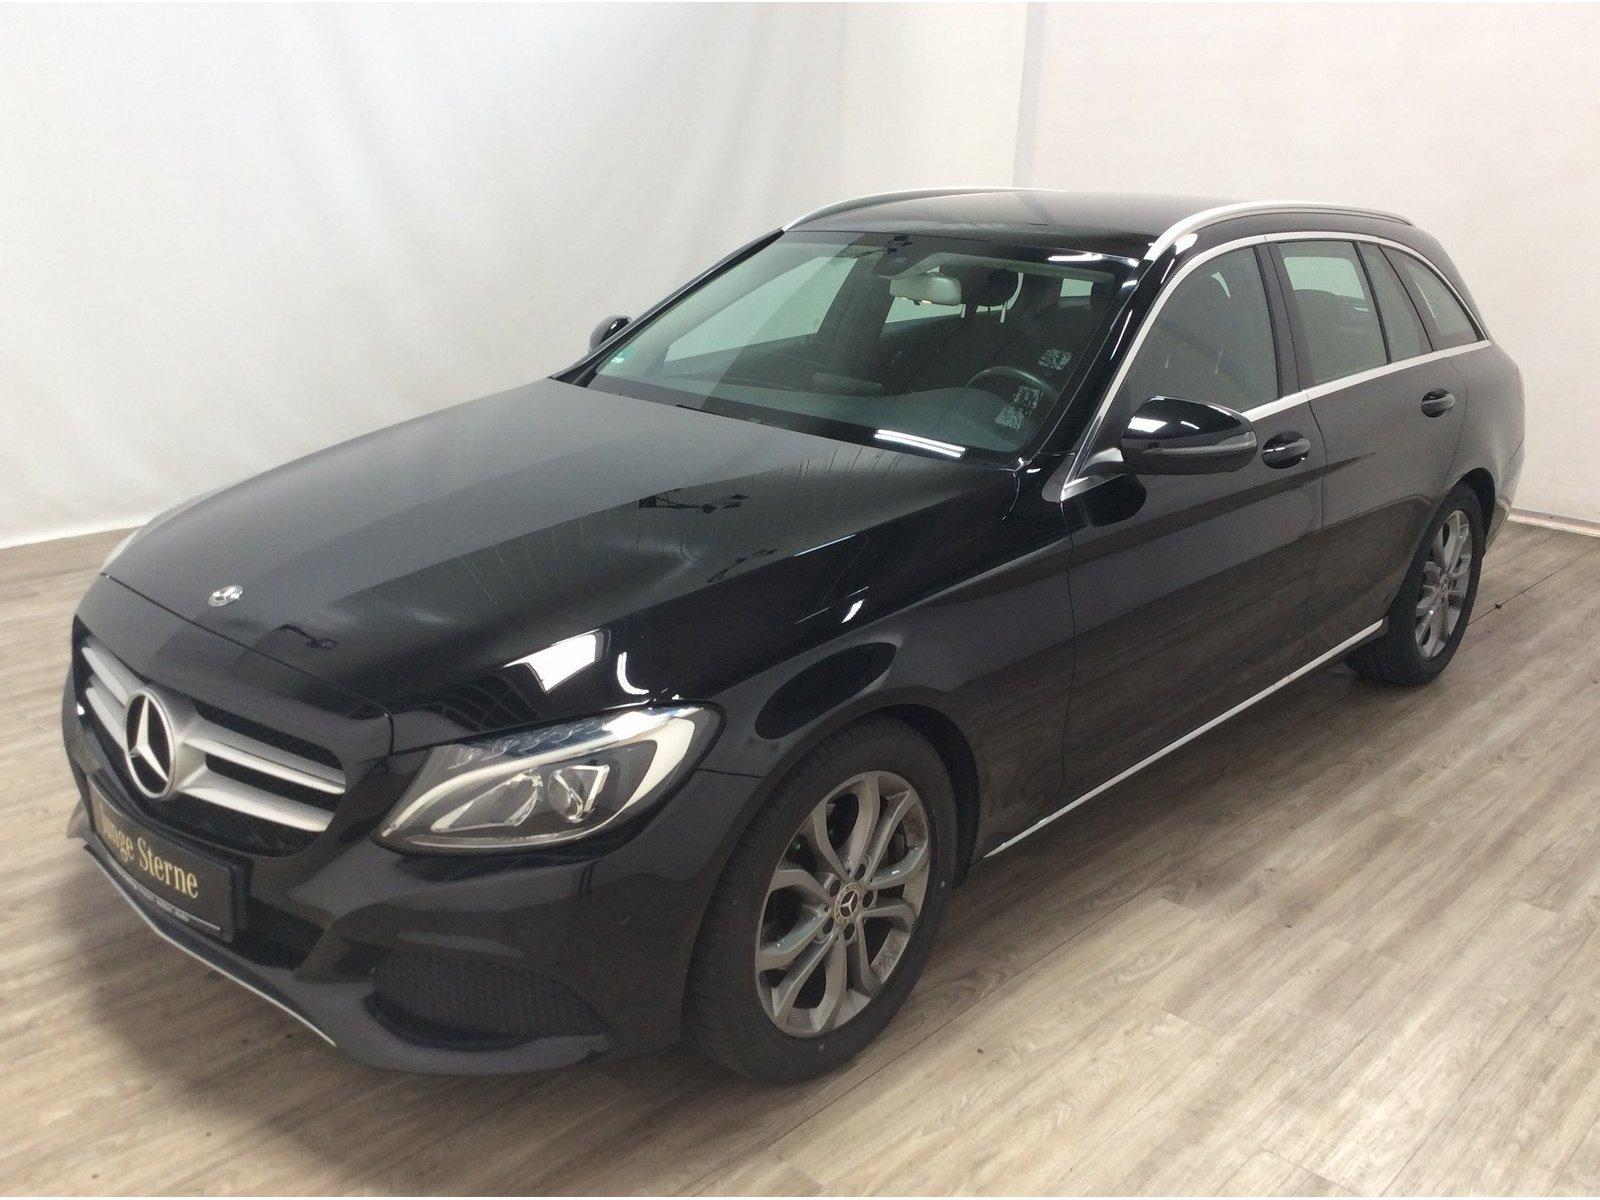 Mercedes-Benz C 200 d T *Avantgarde* *Automatik*LED*AHK*Navi*, Jahr 2017, Diesel